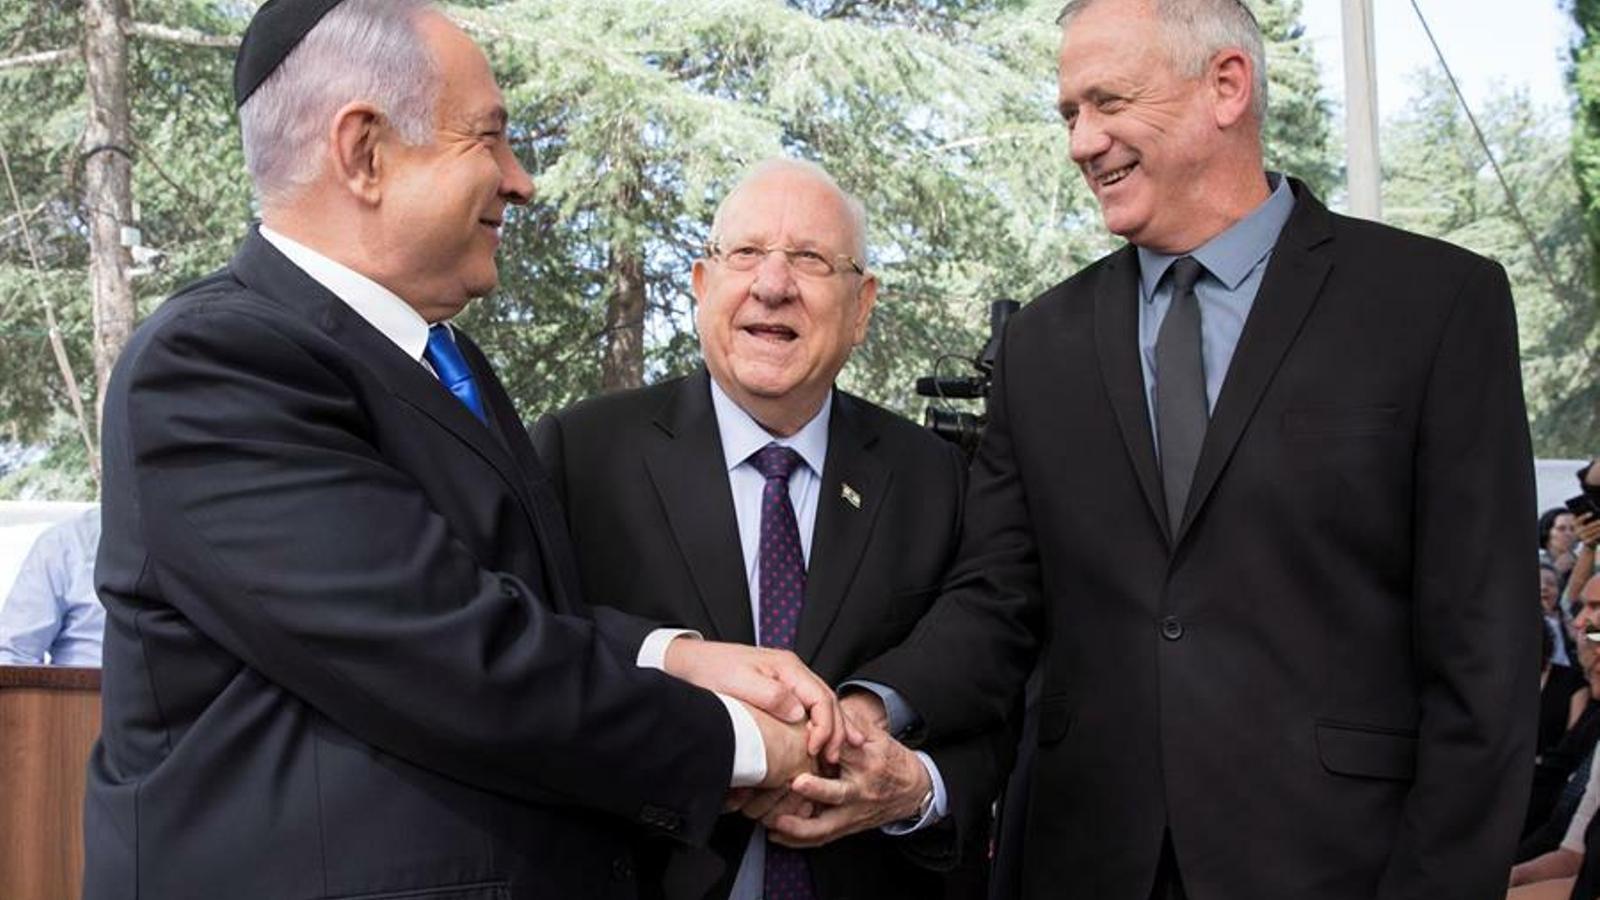 Netanyahu i Gantz s'encaixen les mans per celebrar el govern d'unitat